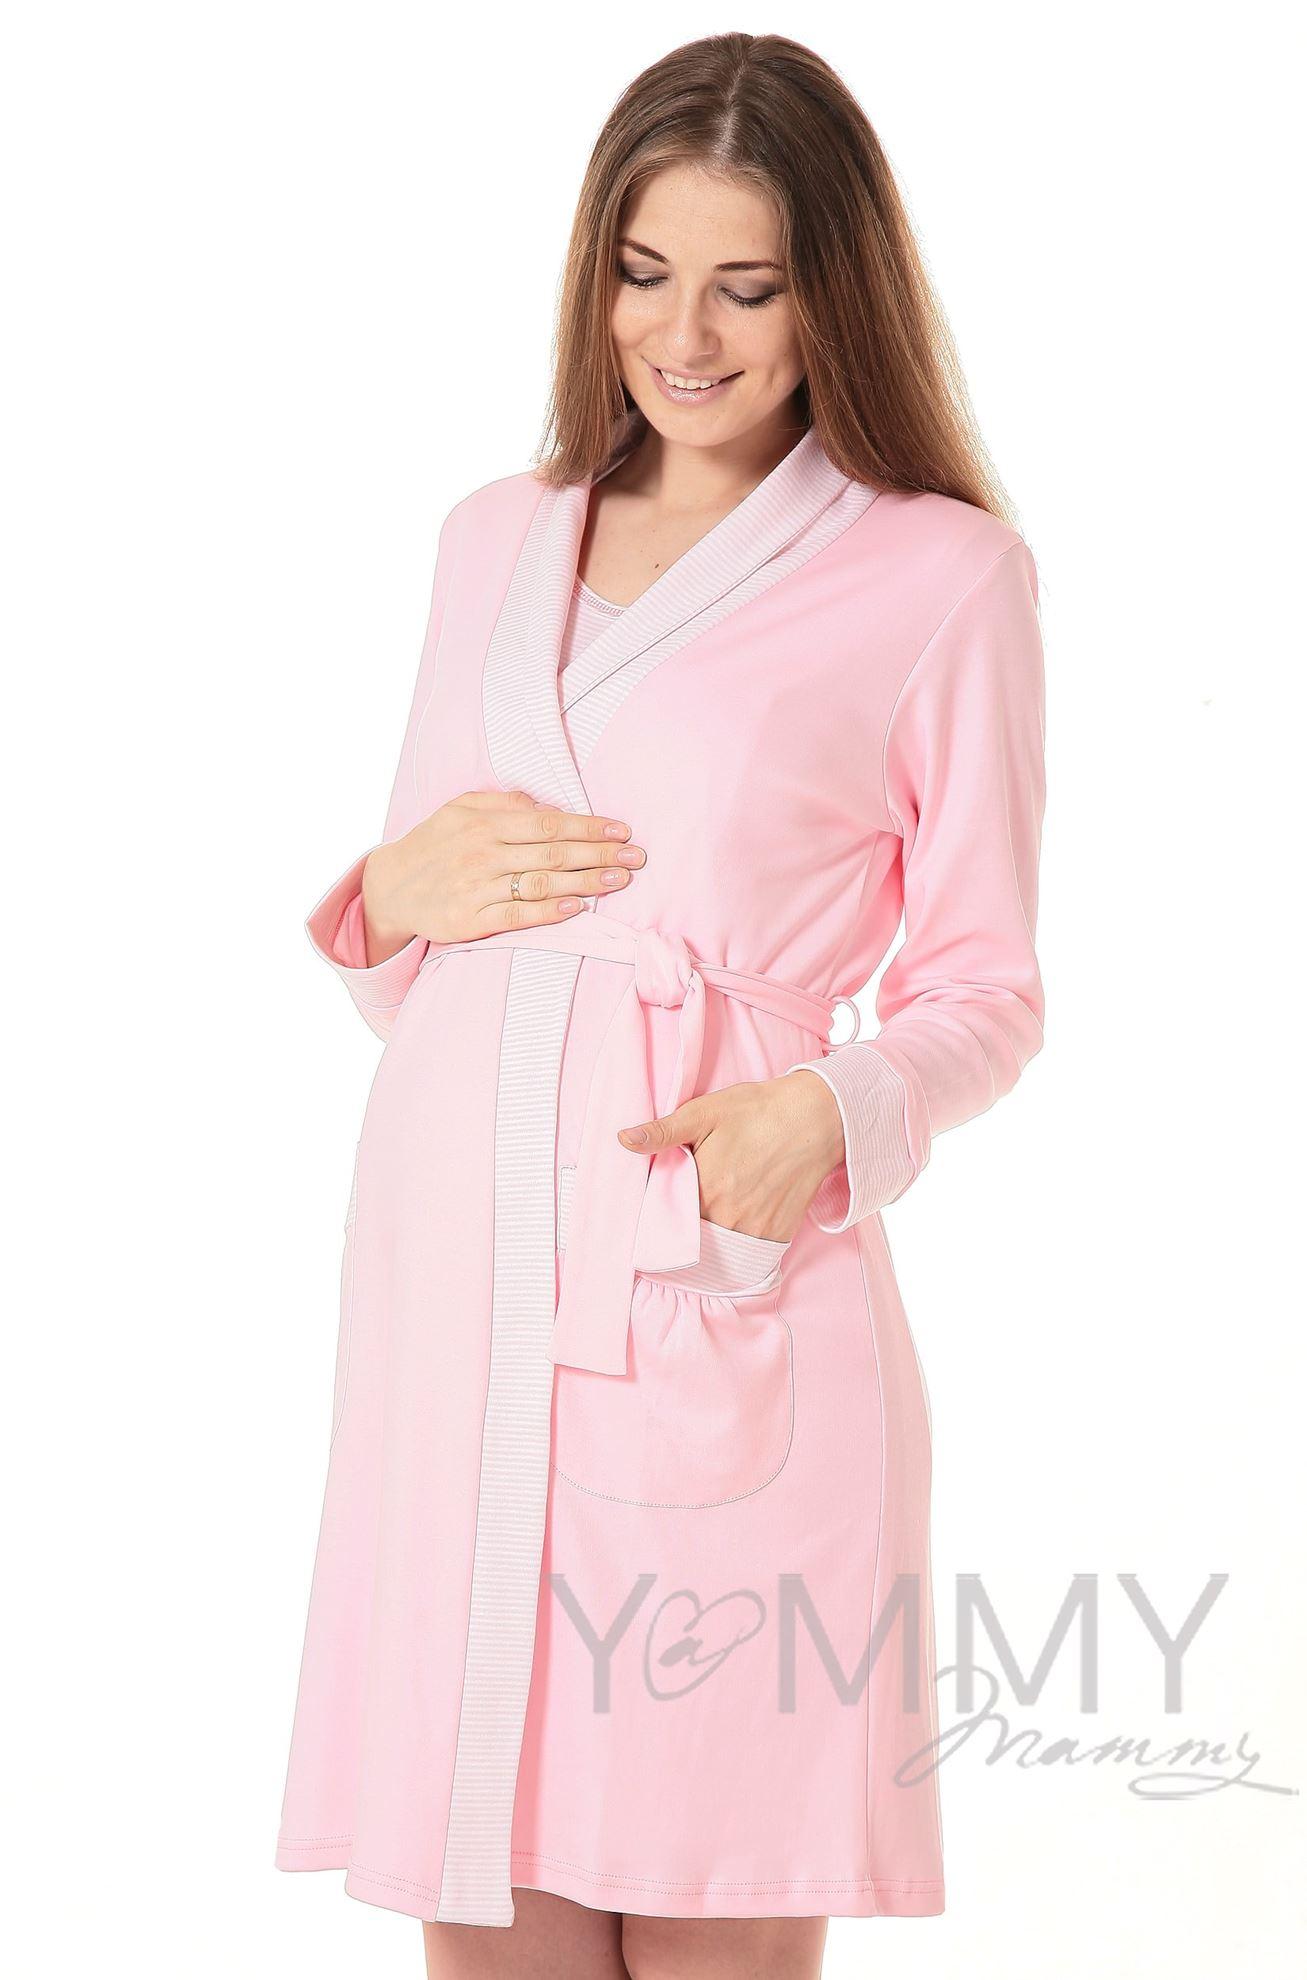 Изображение                               Комплект халат с сорочкой розовый/белая полоска